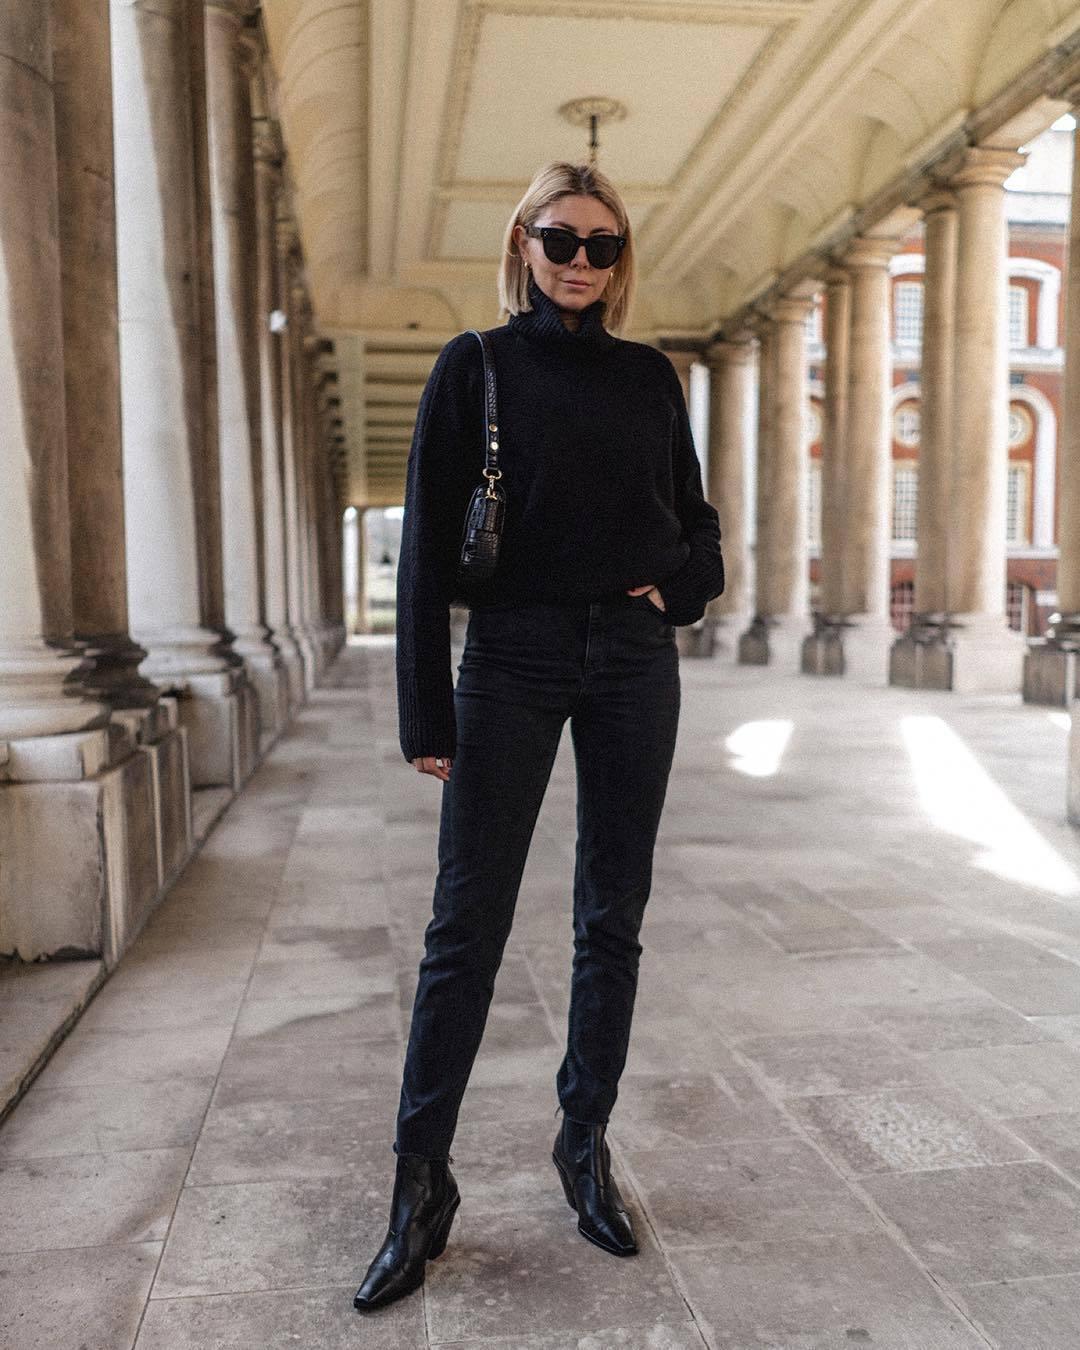 sweater black turtleneck top black sweater turtleneck sweater black boots ankle boots cropped jeans black jeans black bag shoulder bag